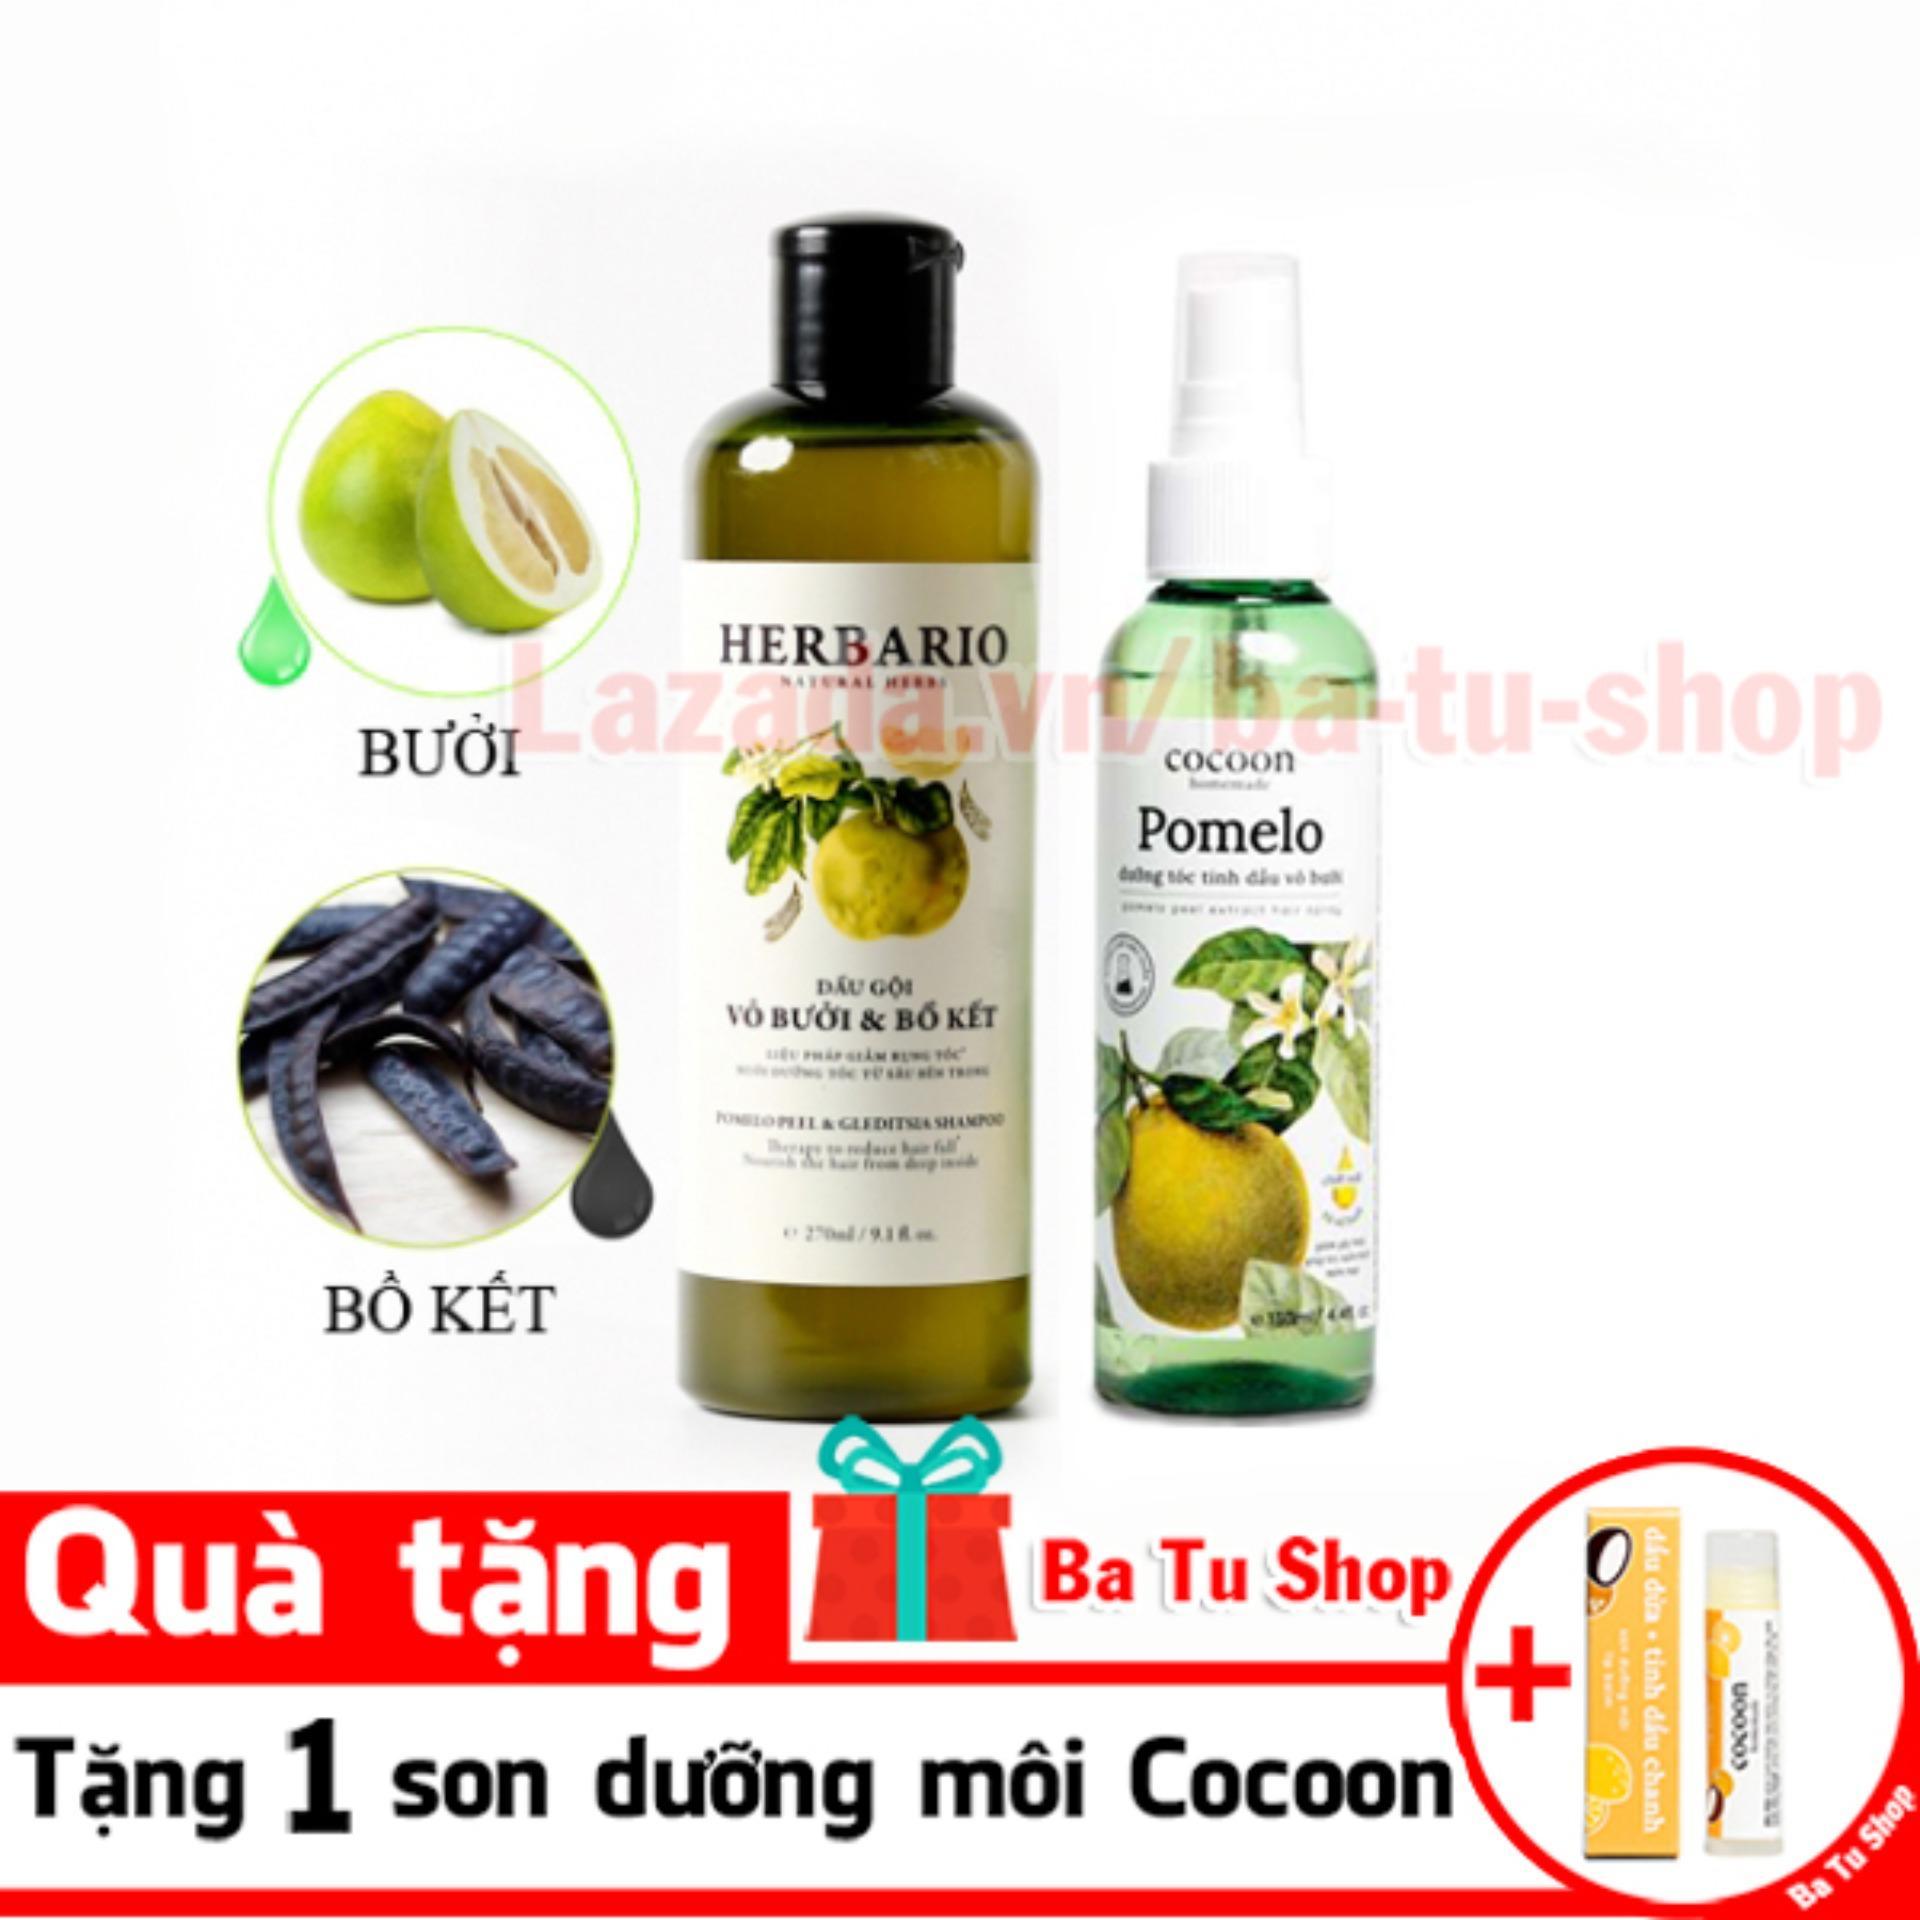 Hình ảnh Bộ trị rụng tóc dầu gội vỏ bưởi Herbario và Dưỡng tóc Pomelo tặng 1 son dưỡng Cocoon